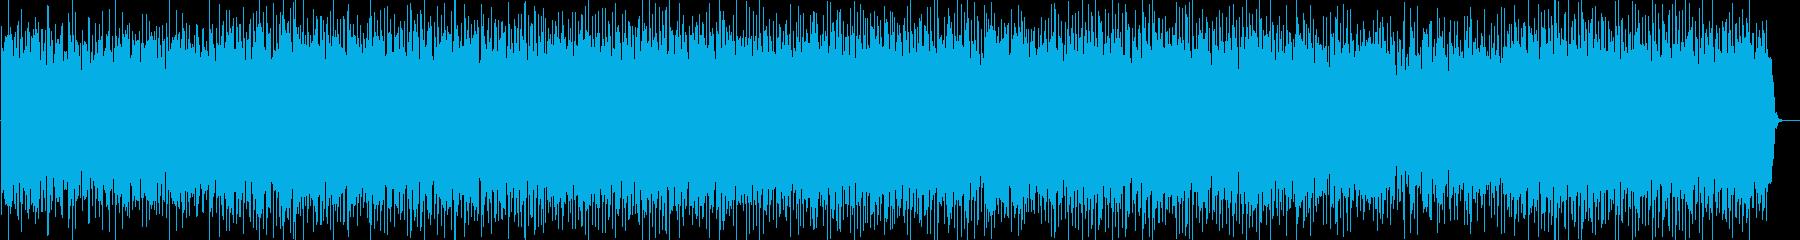 子供向けのわくわくするエレクトロニカの再生済みの波形